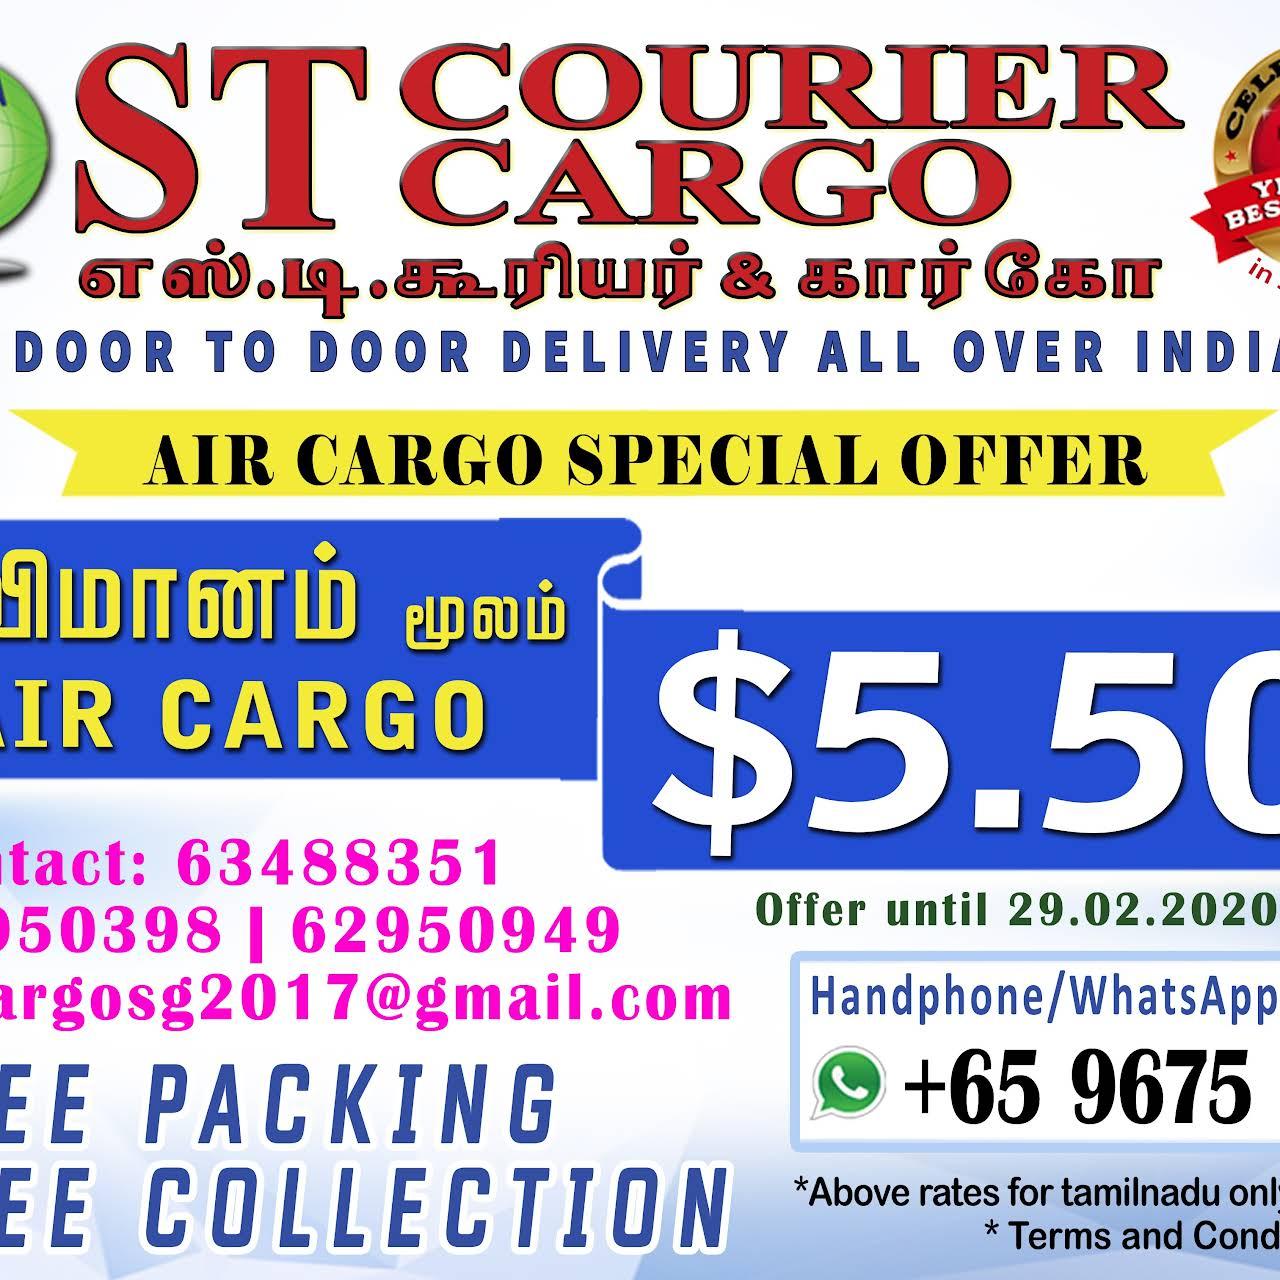 S T Cargo Agencies Pte Ltd Worldwide Door To Door Cargo Courier Delivery Services